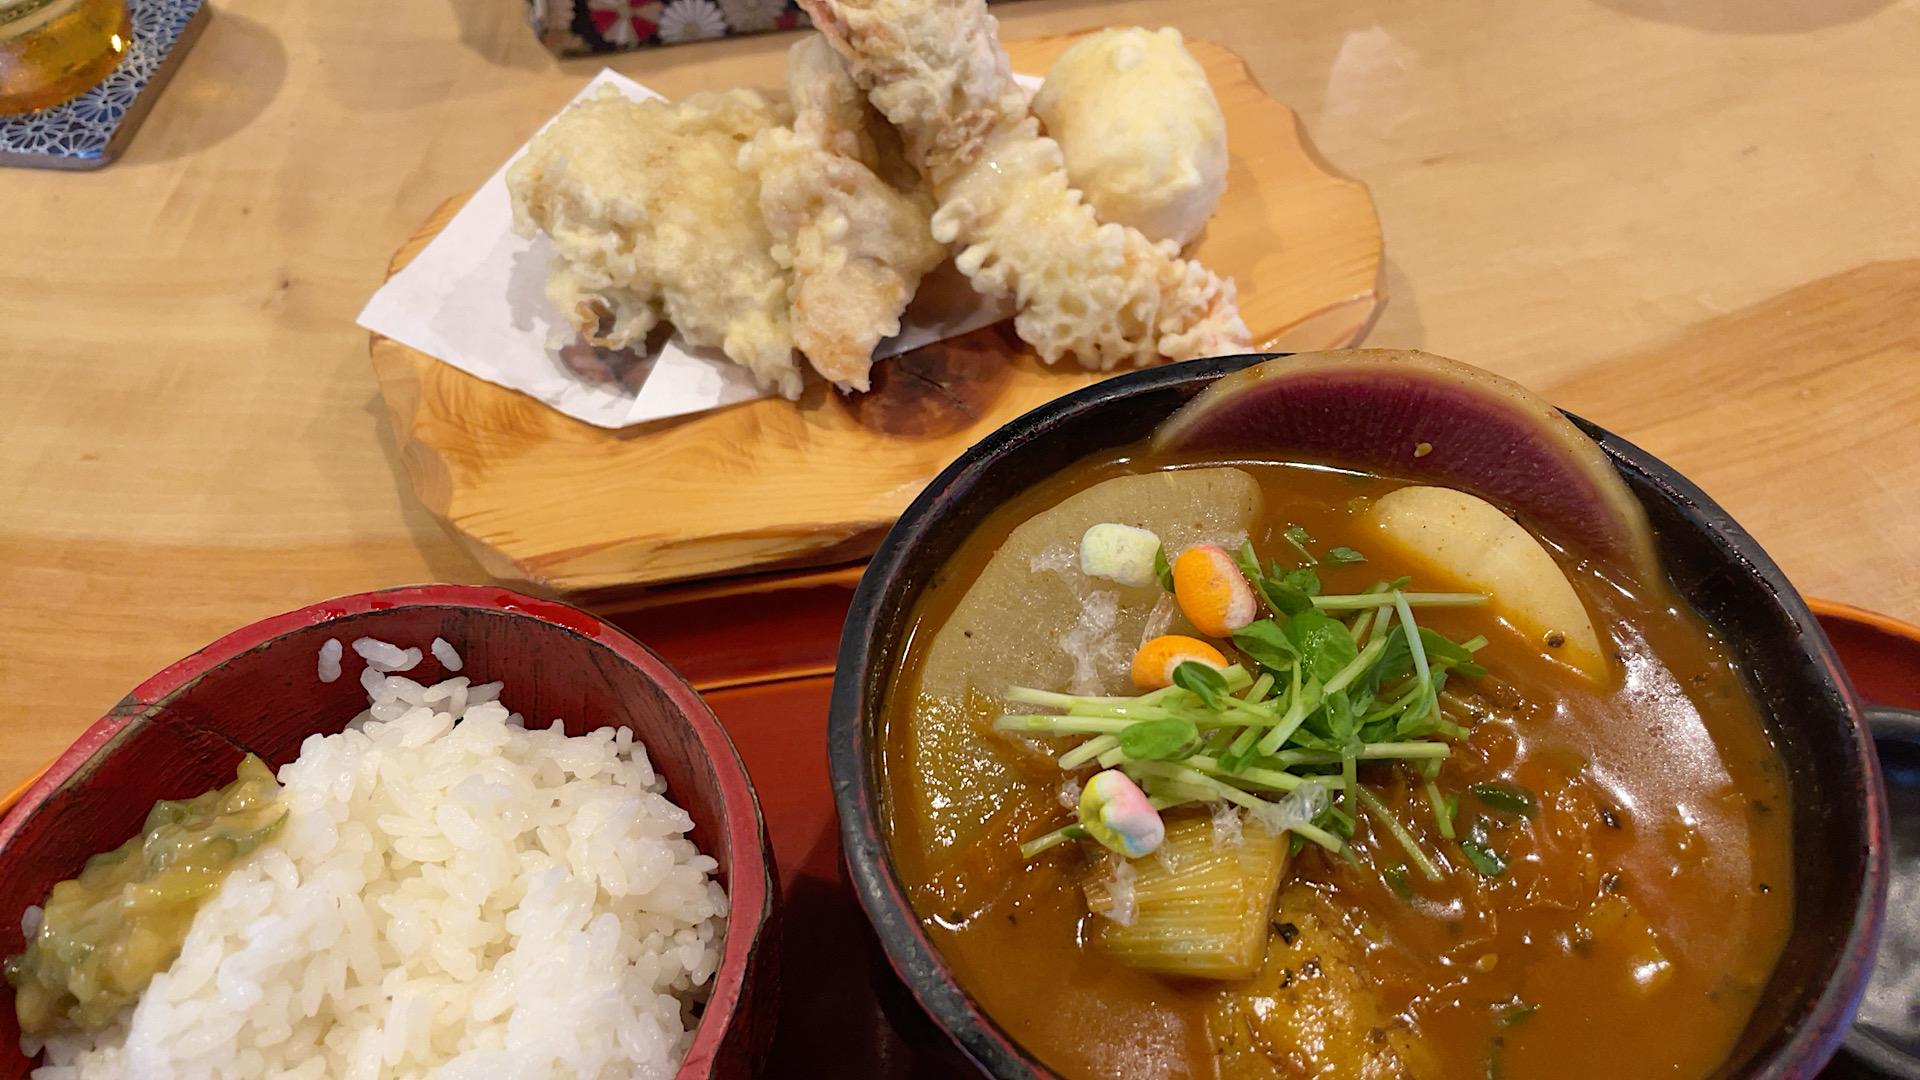 札幌・中央区 スープカリー奥芝商店 おくしばぁちゃん